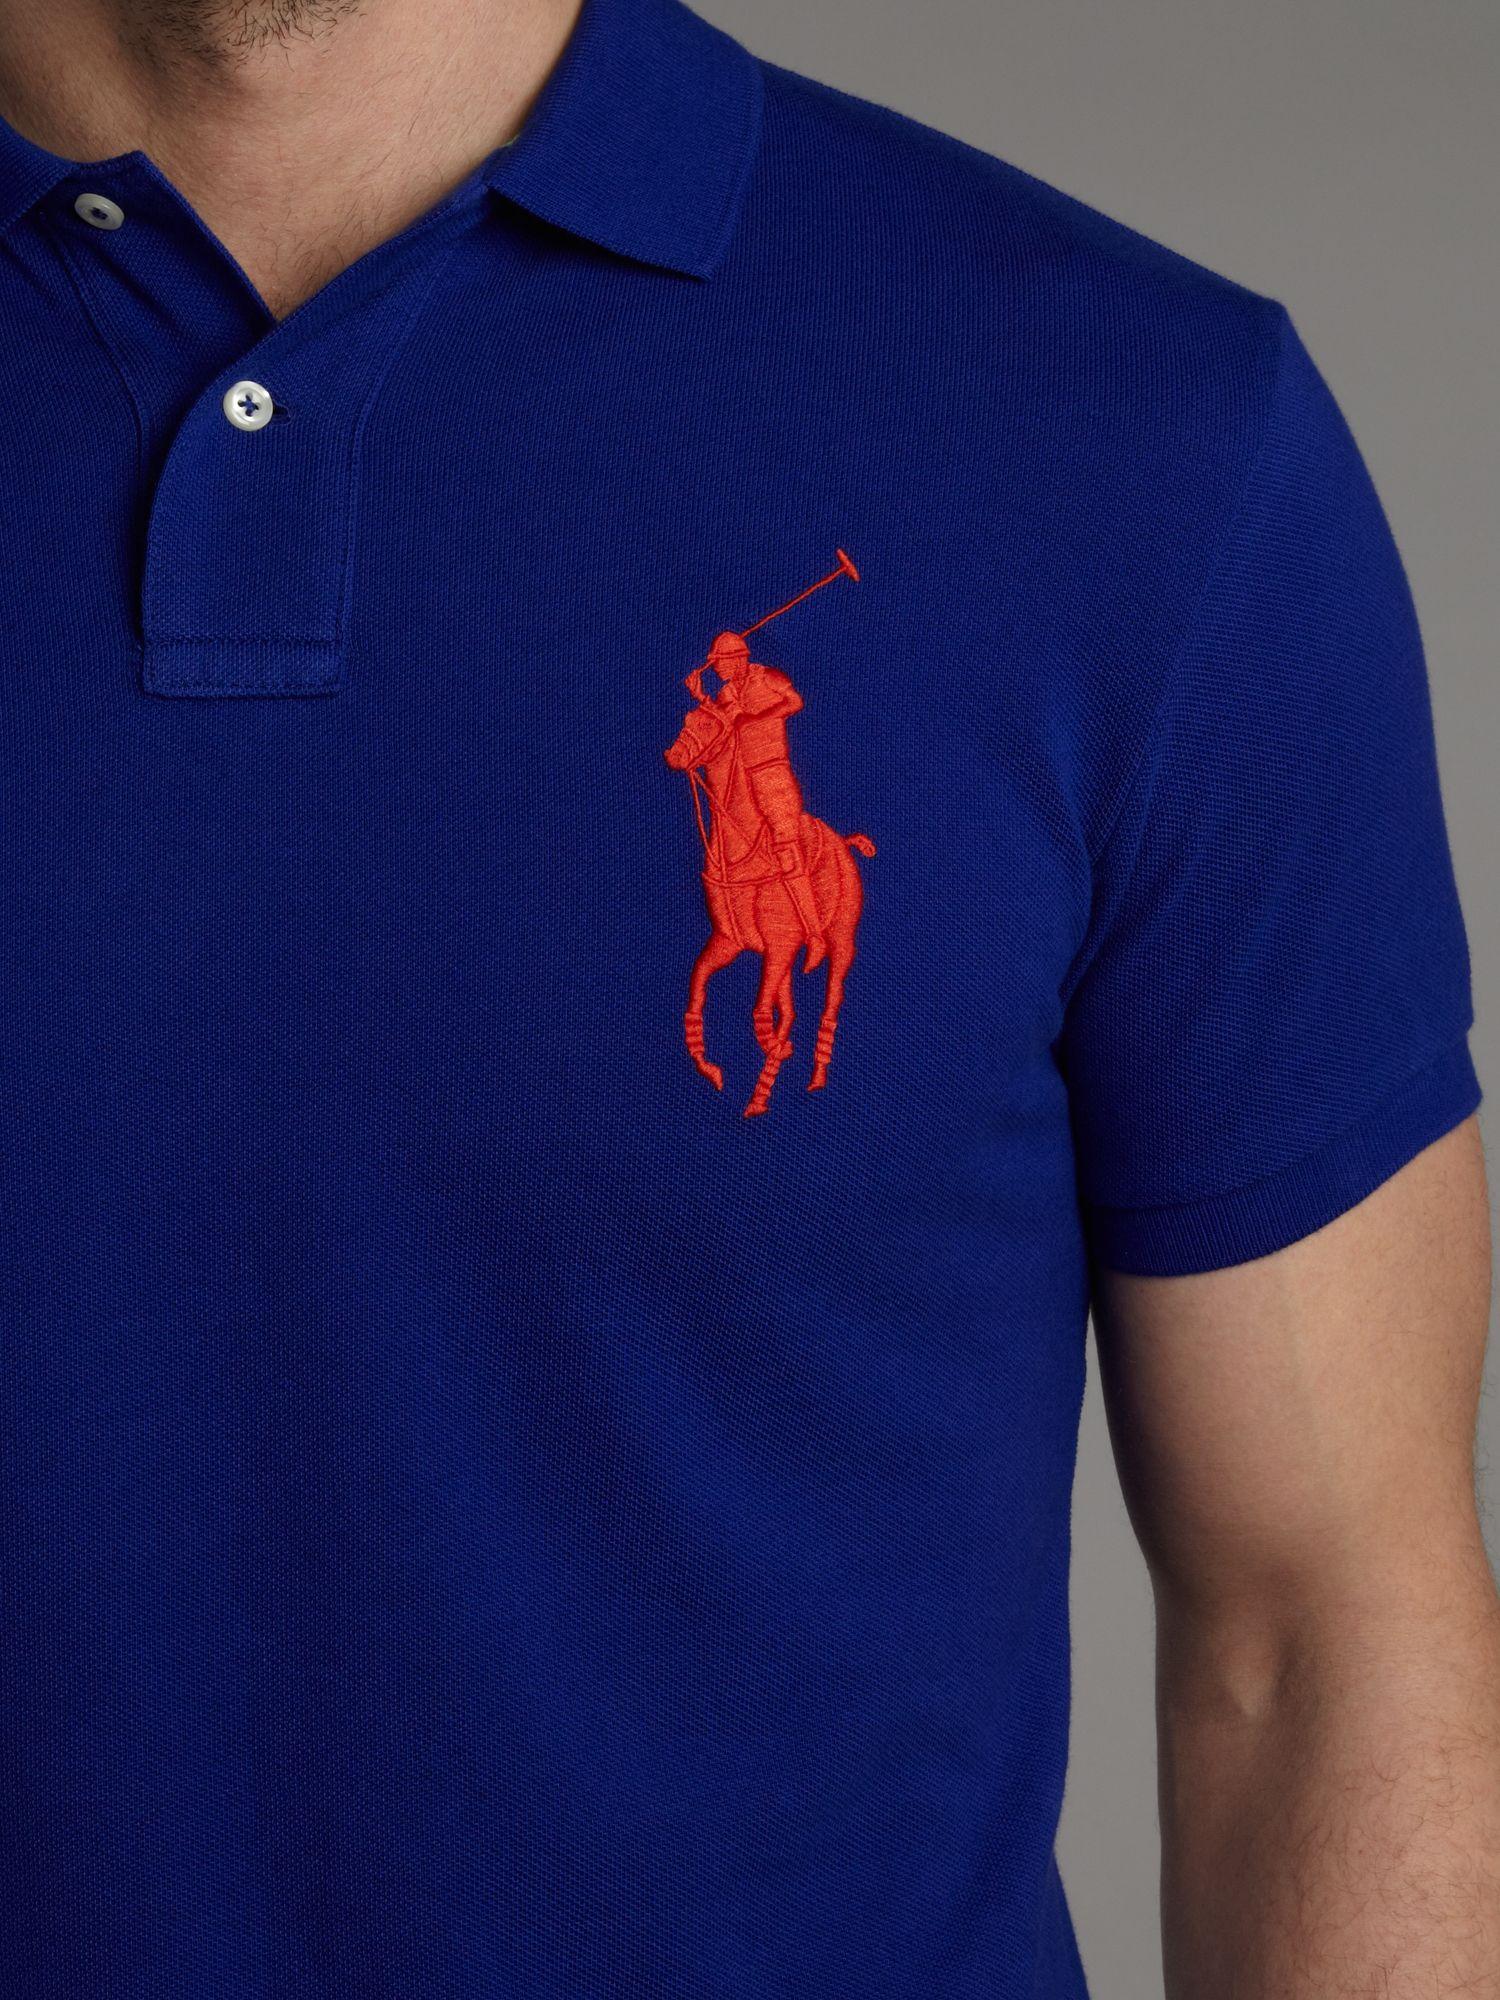 ralph lauren.com ralph lauren polo shirts